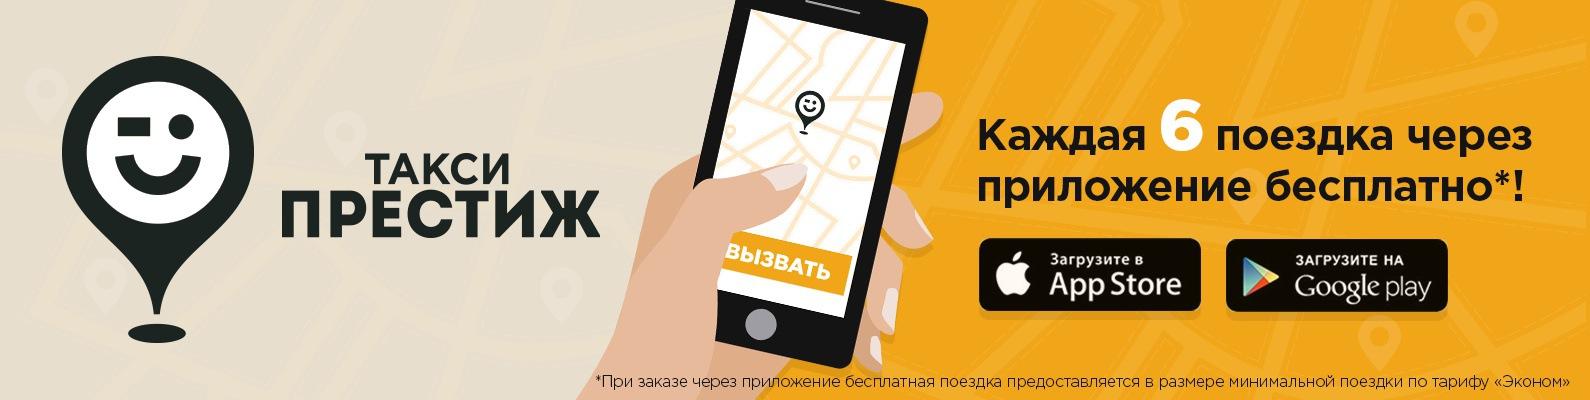 такси пристиж в солнечногорске телефоны, часы работы